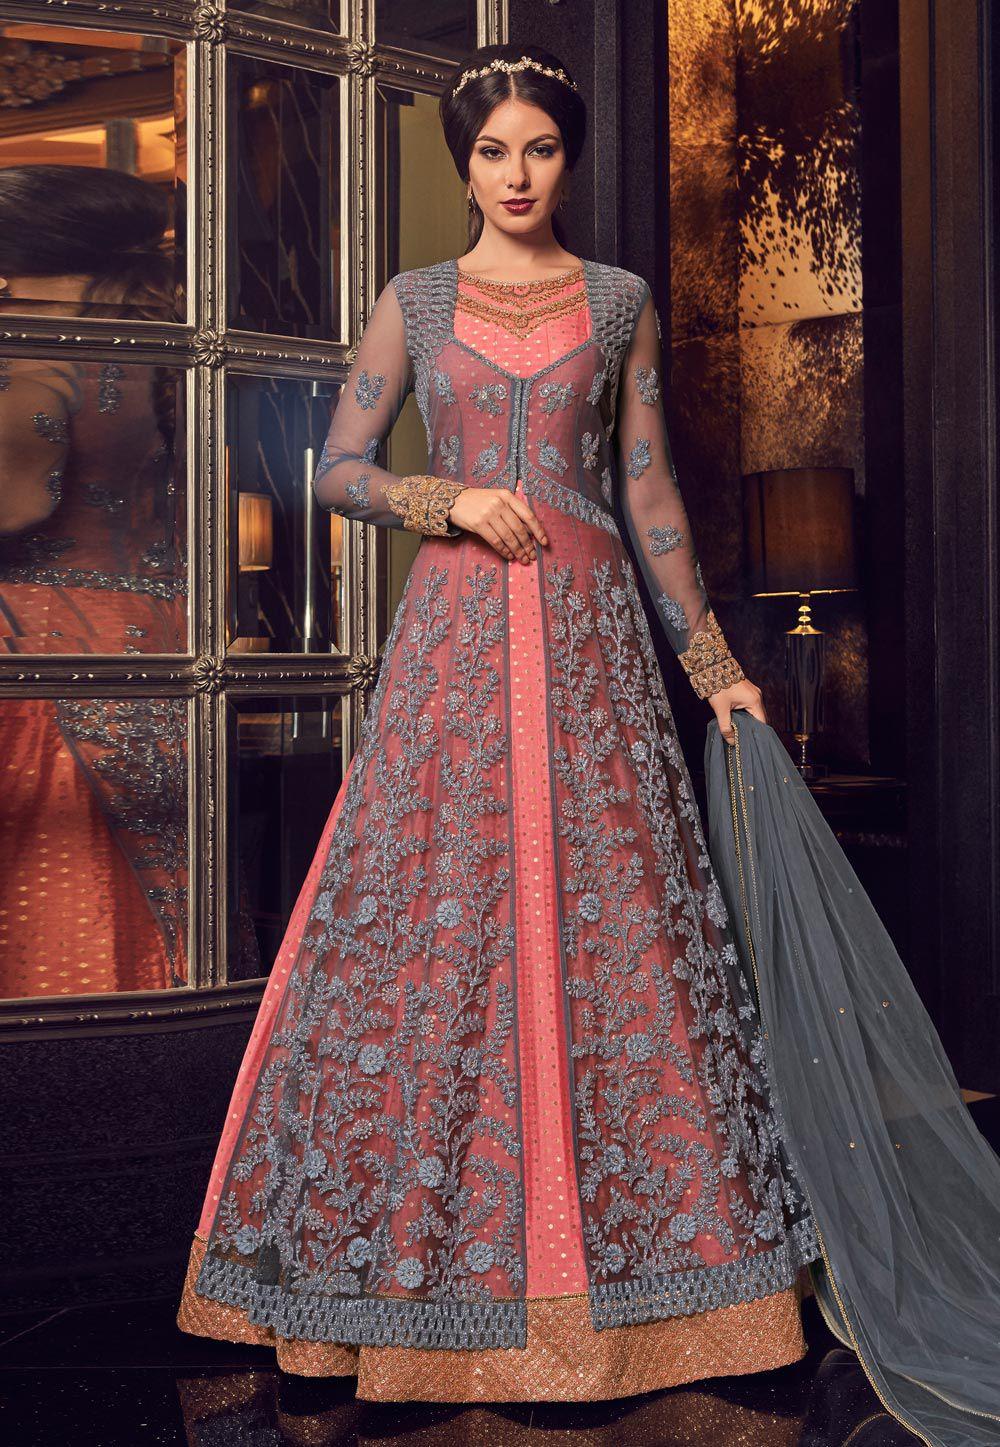 Long Jacket Dresses For Indian Weddings 60 Off Teknikcnc Com,Spring Wedding Guest Dresses 2019